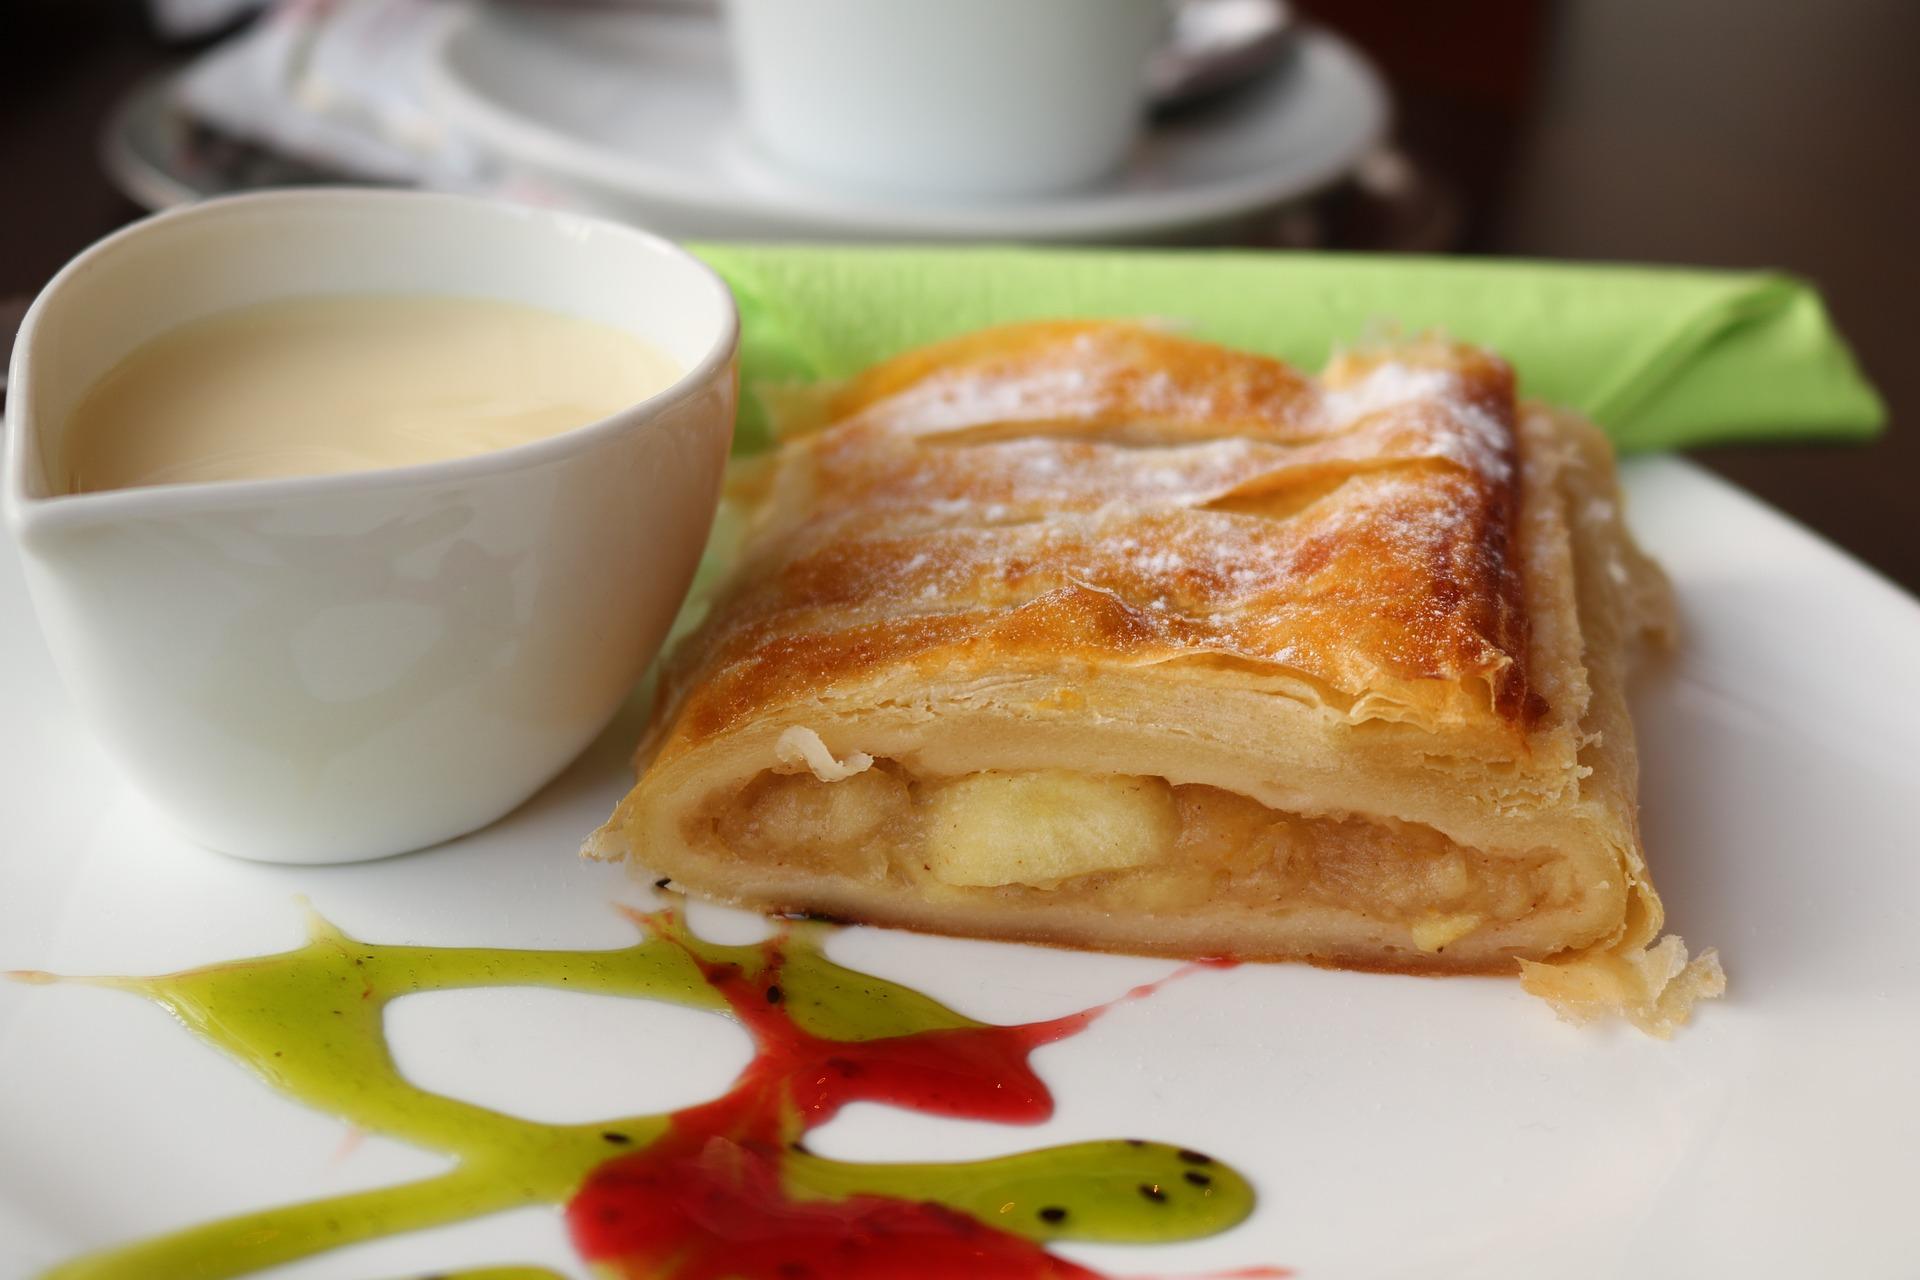 Strudel di mele senza glutine e senza lattosio: la ricetta per tutti